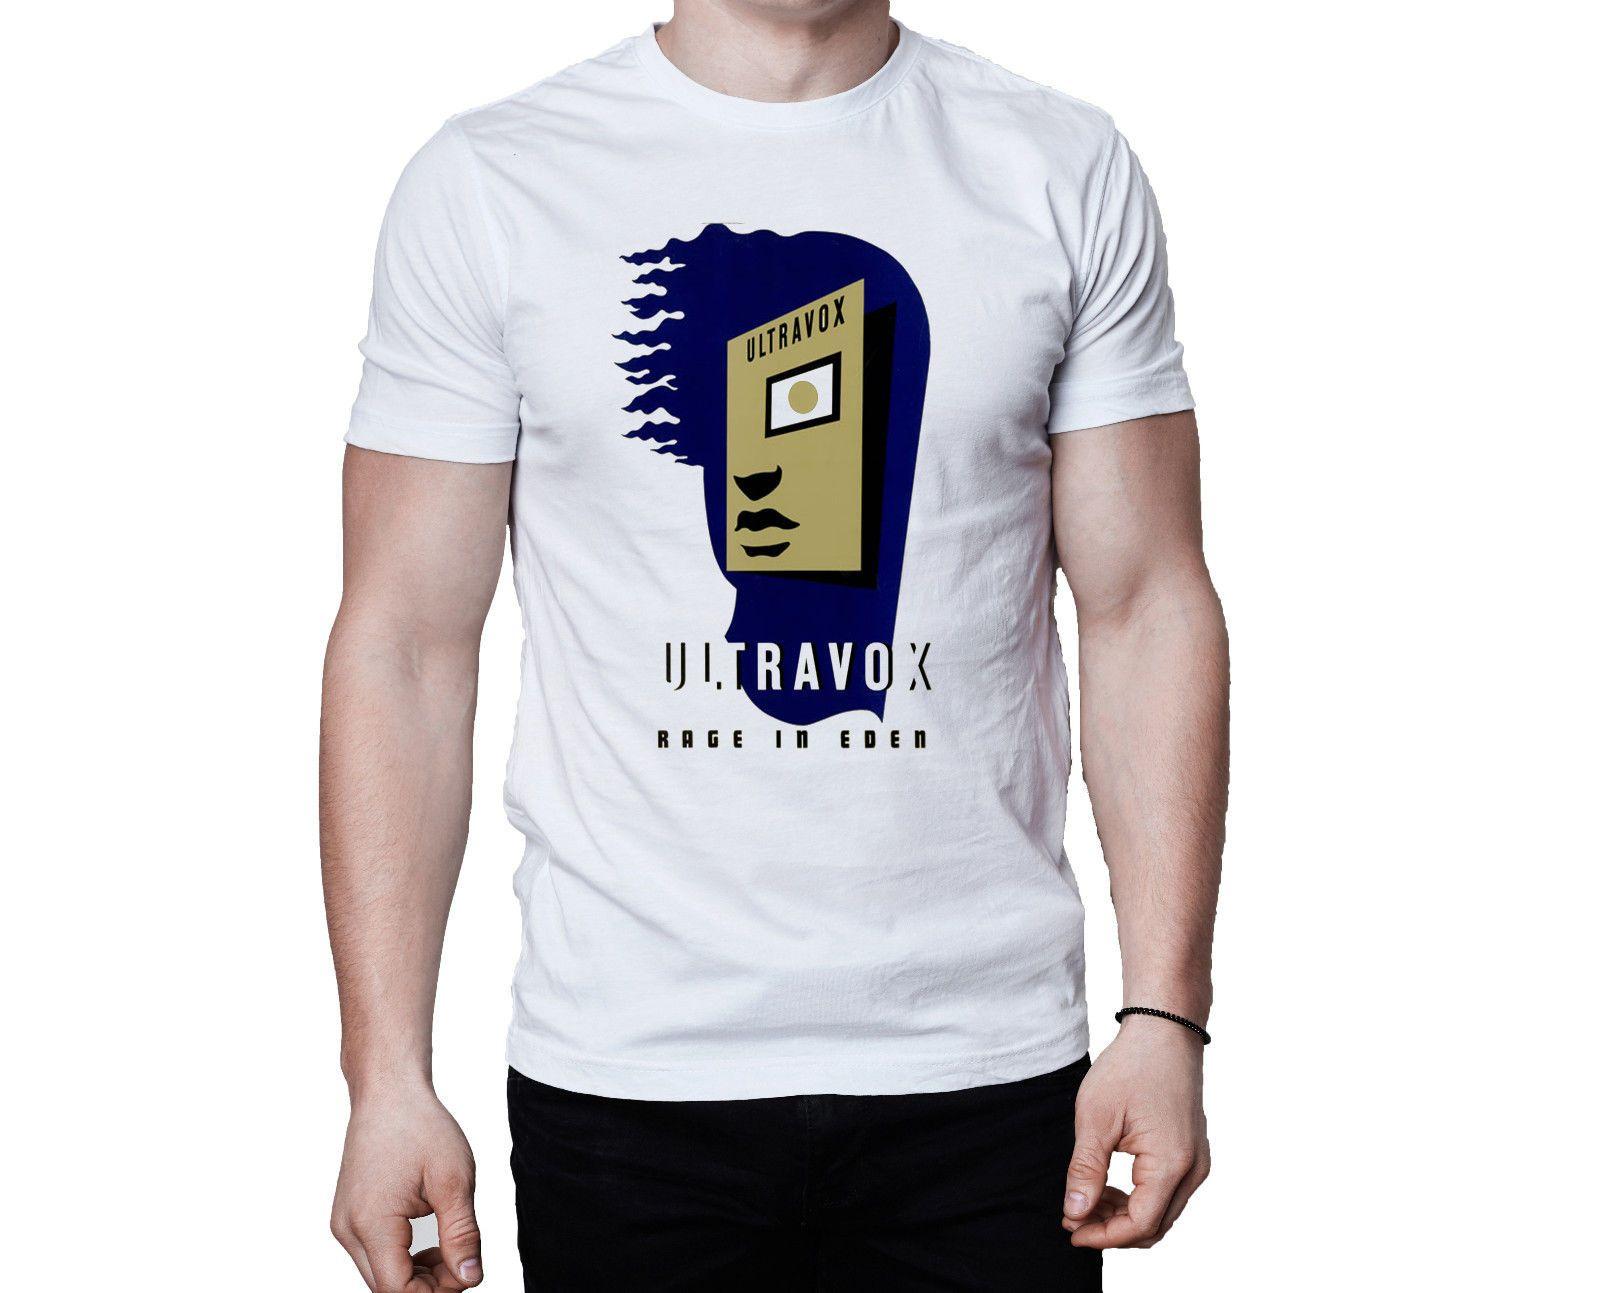 Ultravox Wut in Eden 1981 Album Cover T Shirt gedruckt Männer T Shirt Kleidung Top Tee Sommer Männer Kleidung O - Neck T Shirts